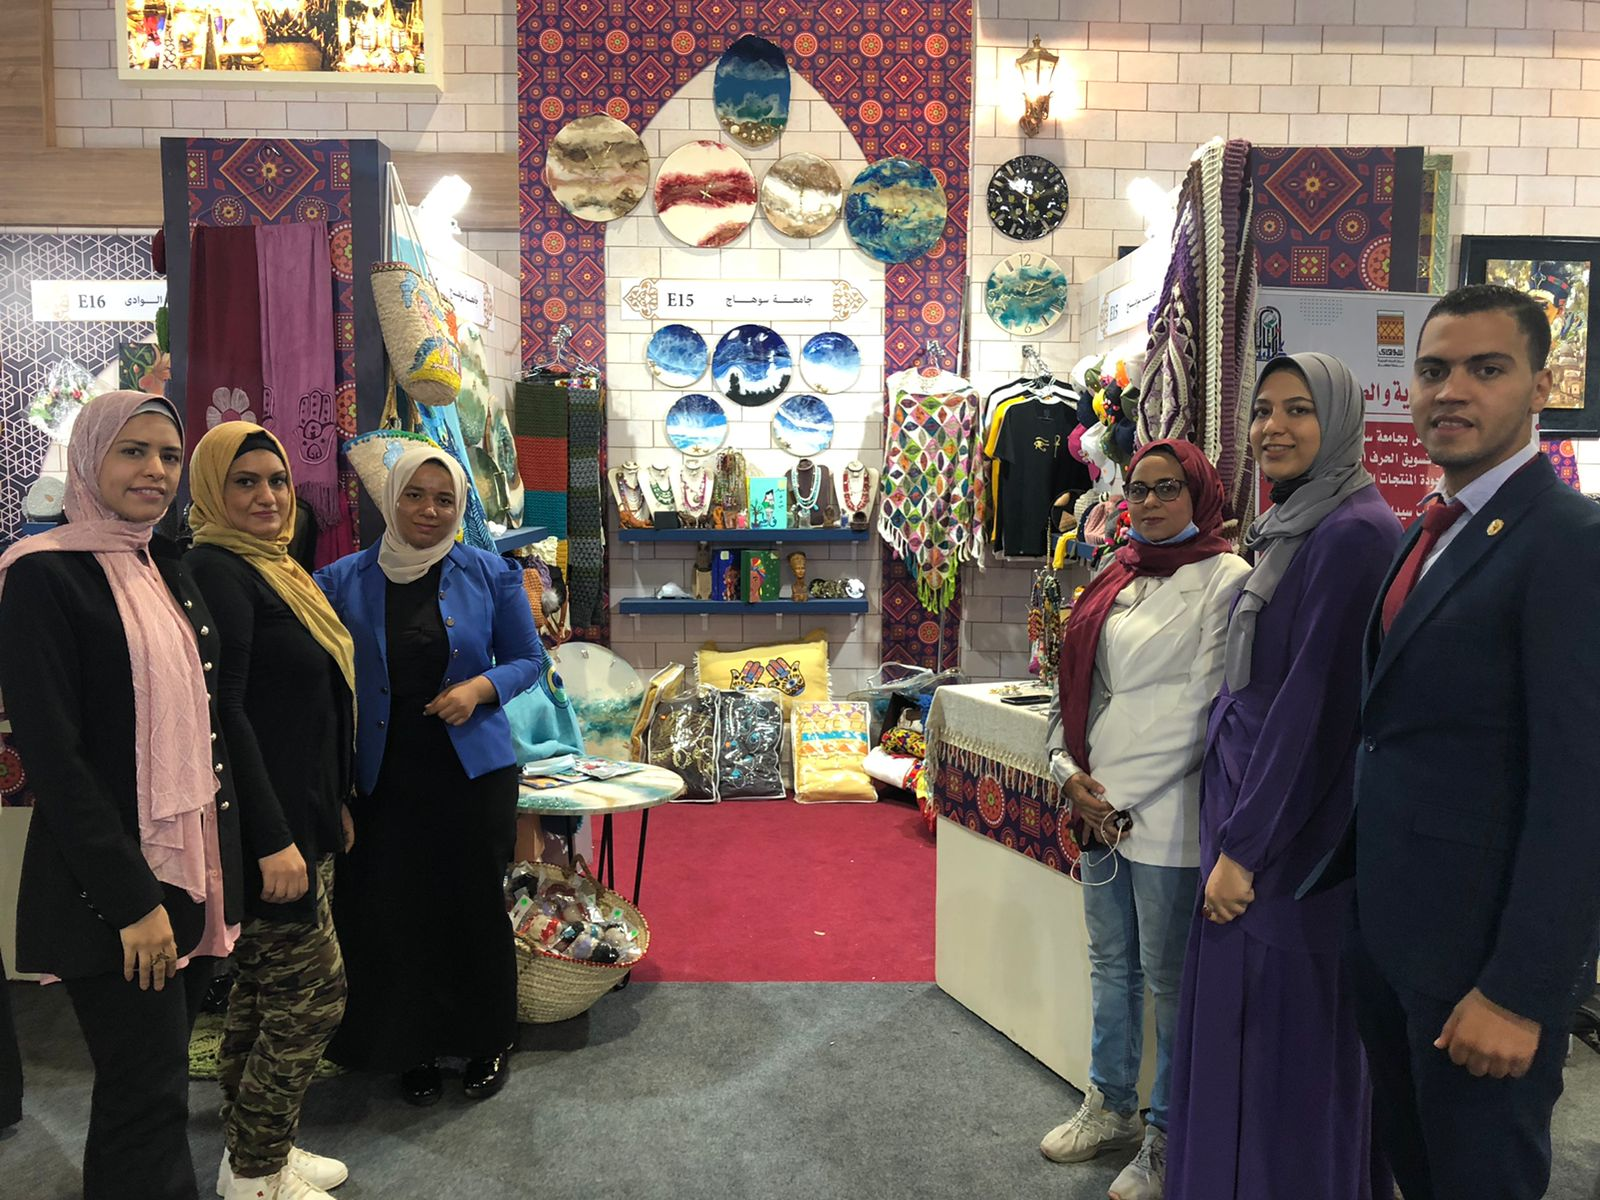 """جامعة سوهاج تشارك بـ ٥٣٥ عمل يدوي وفني بمعرض """"تراثنا"""" للحرف اليدوية والتراثية بالقاهرة"""